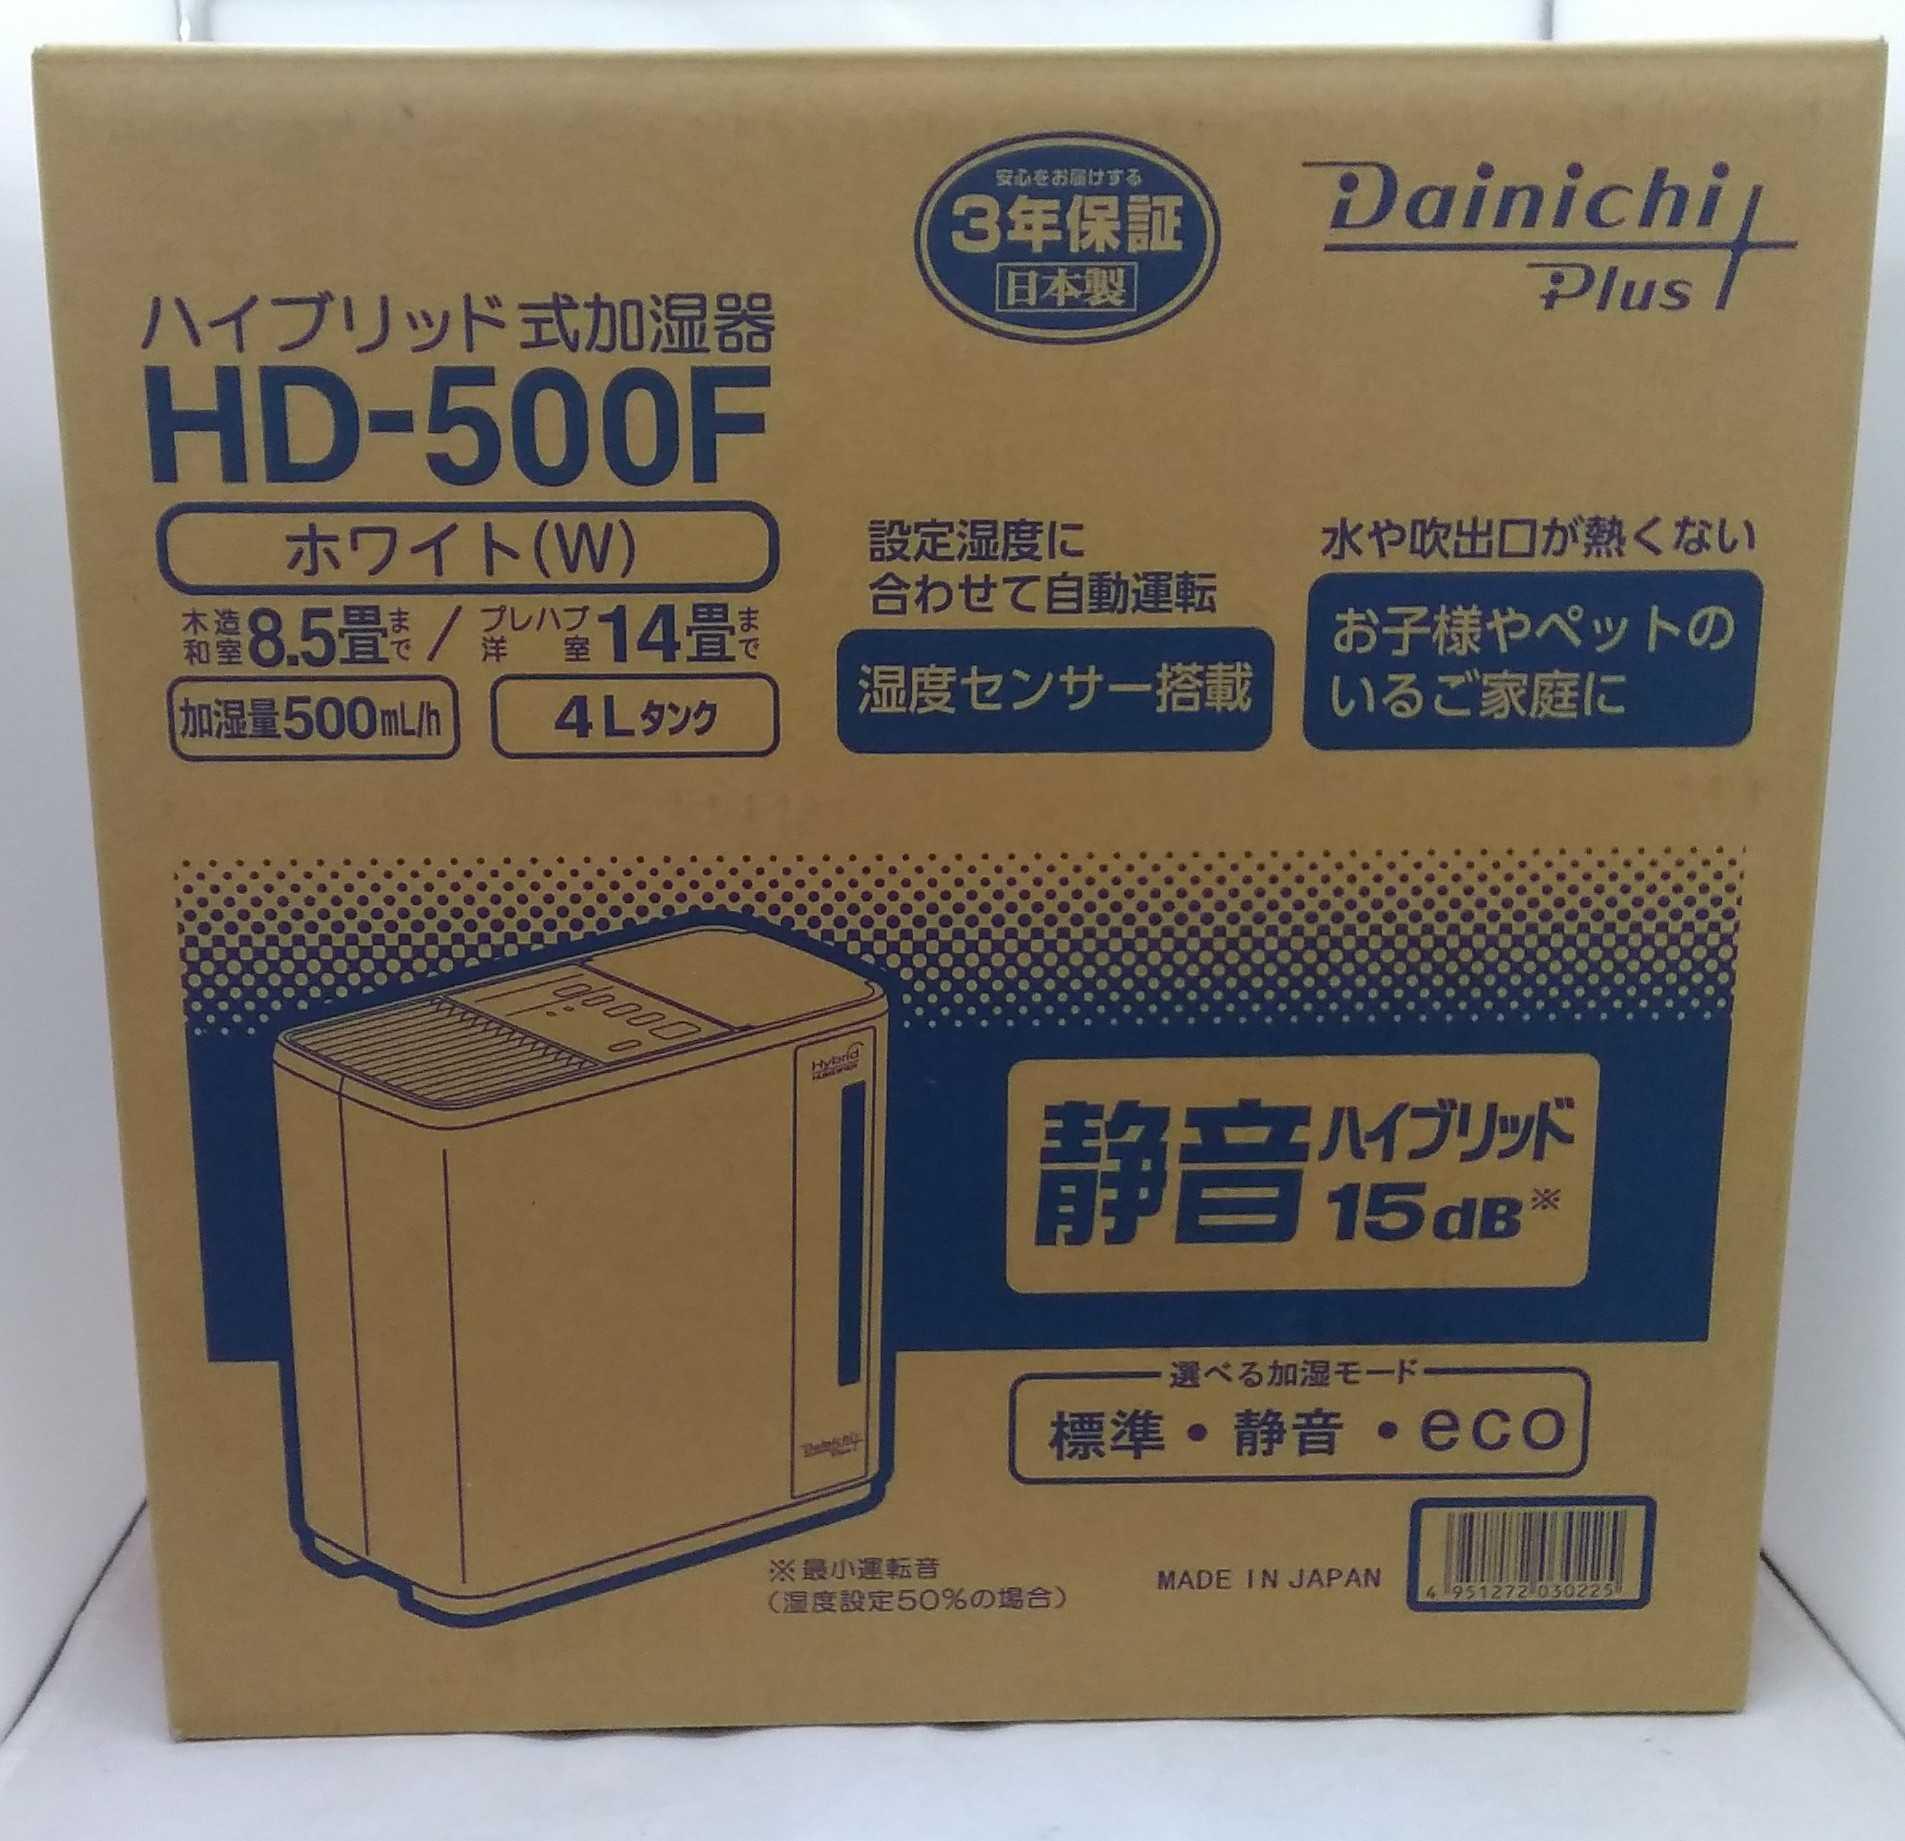 ハイブリット式加湿器|DAINICHI